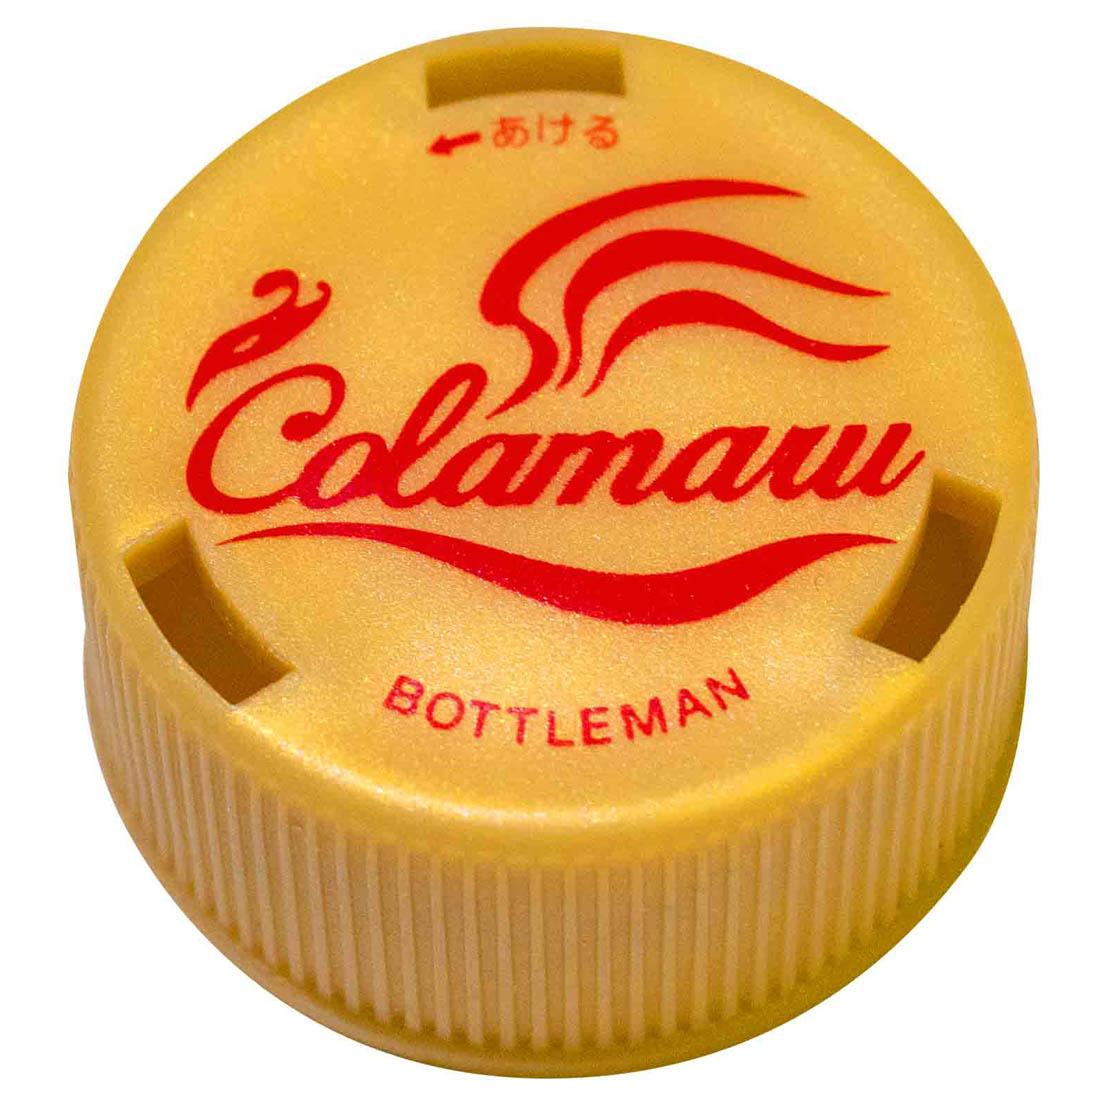 キャップ革命 ボトルマン『BOT-12 コーラマル GOLD』おもちゃ-003